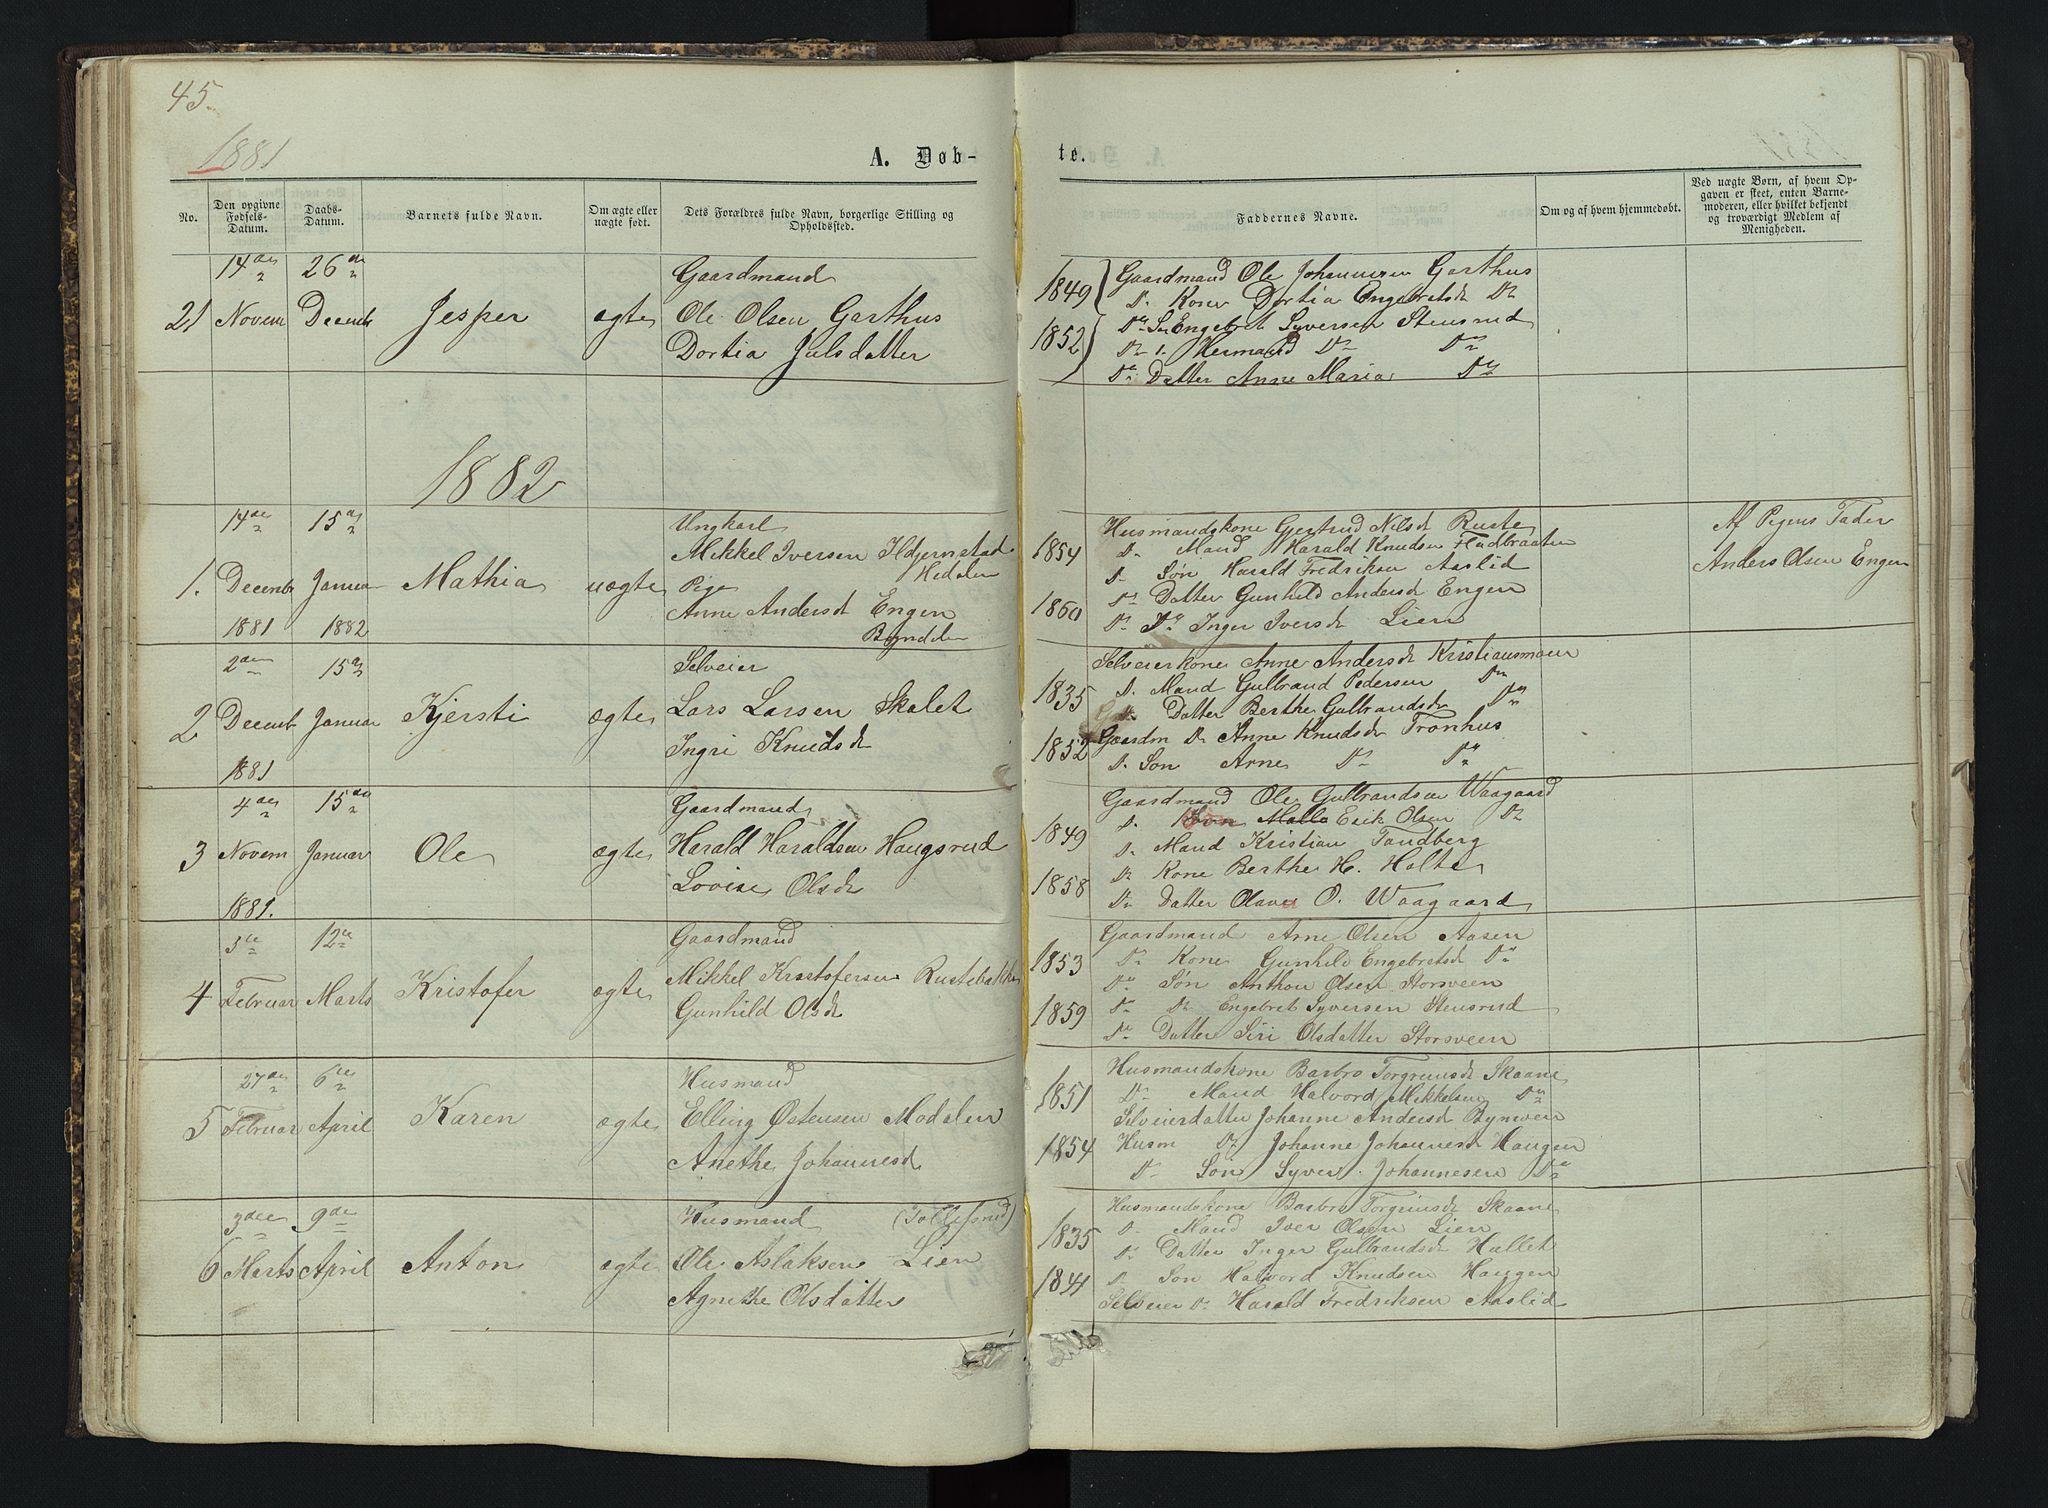 SAH, Sør-Aurdal prestekontor, Klokkerbok nr. 3, 1862-1893, s. 45